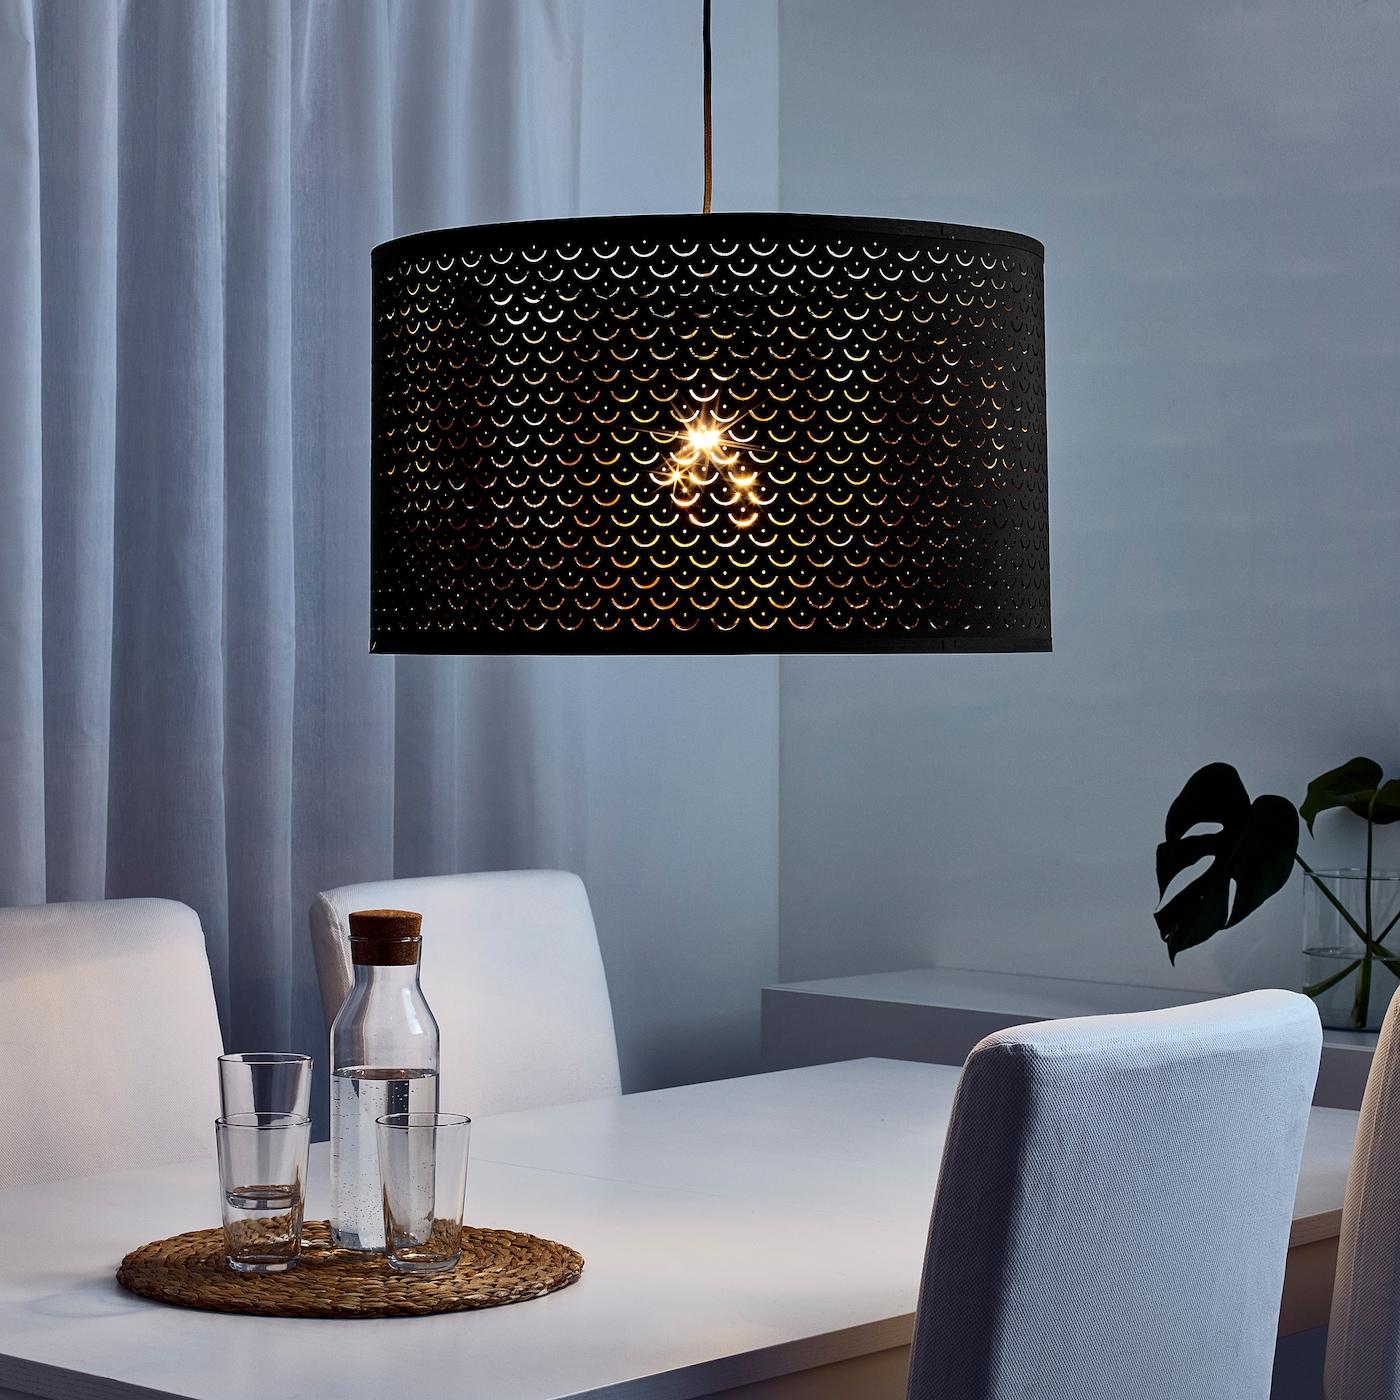 NYMÖ Lampskärm, svart, mässingsfärgad, 59 cm IKEA